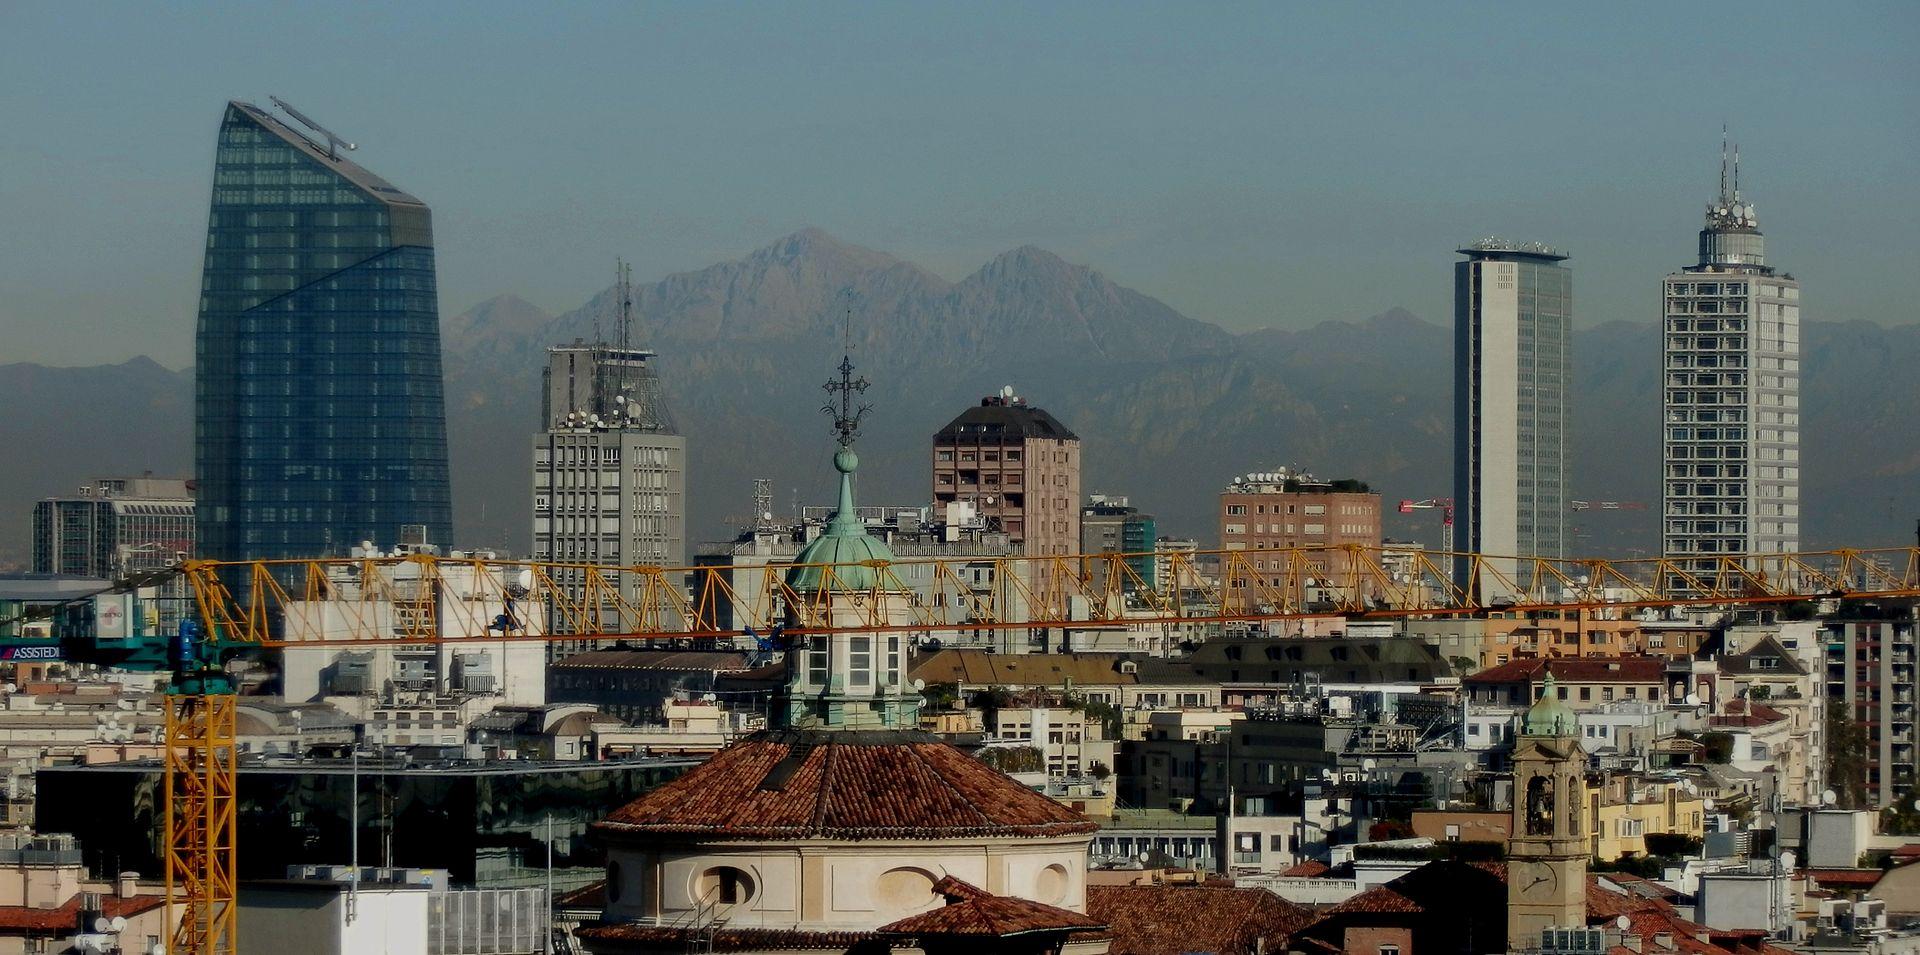 Milano, anche per Airbnb la tassa di soggiorno - Webitmag - Web in ...